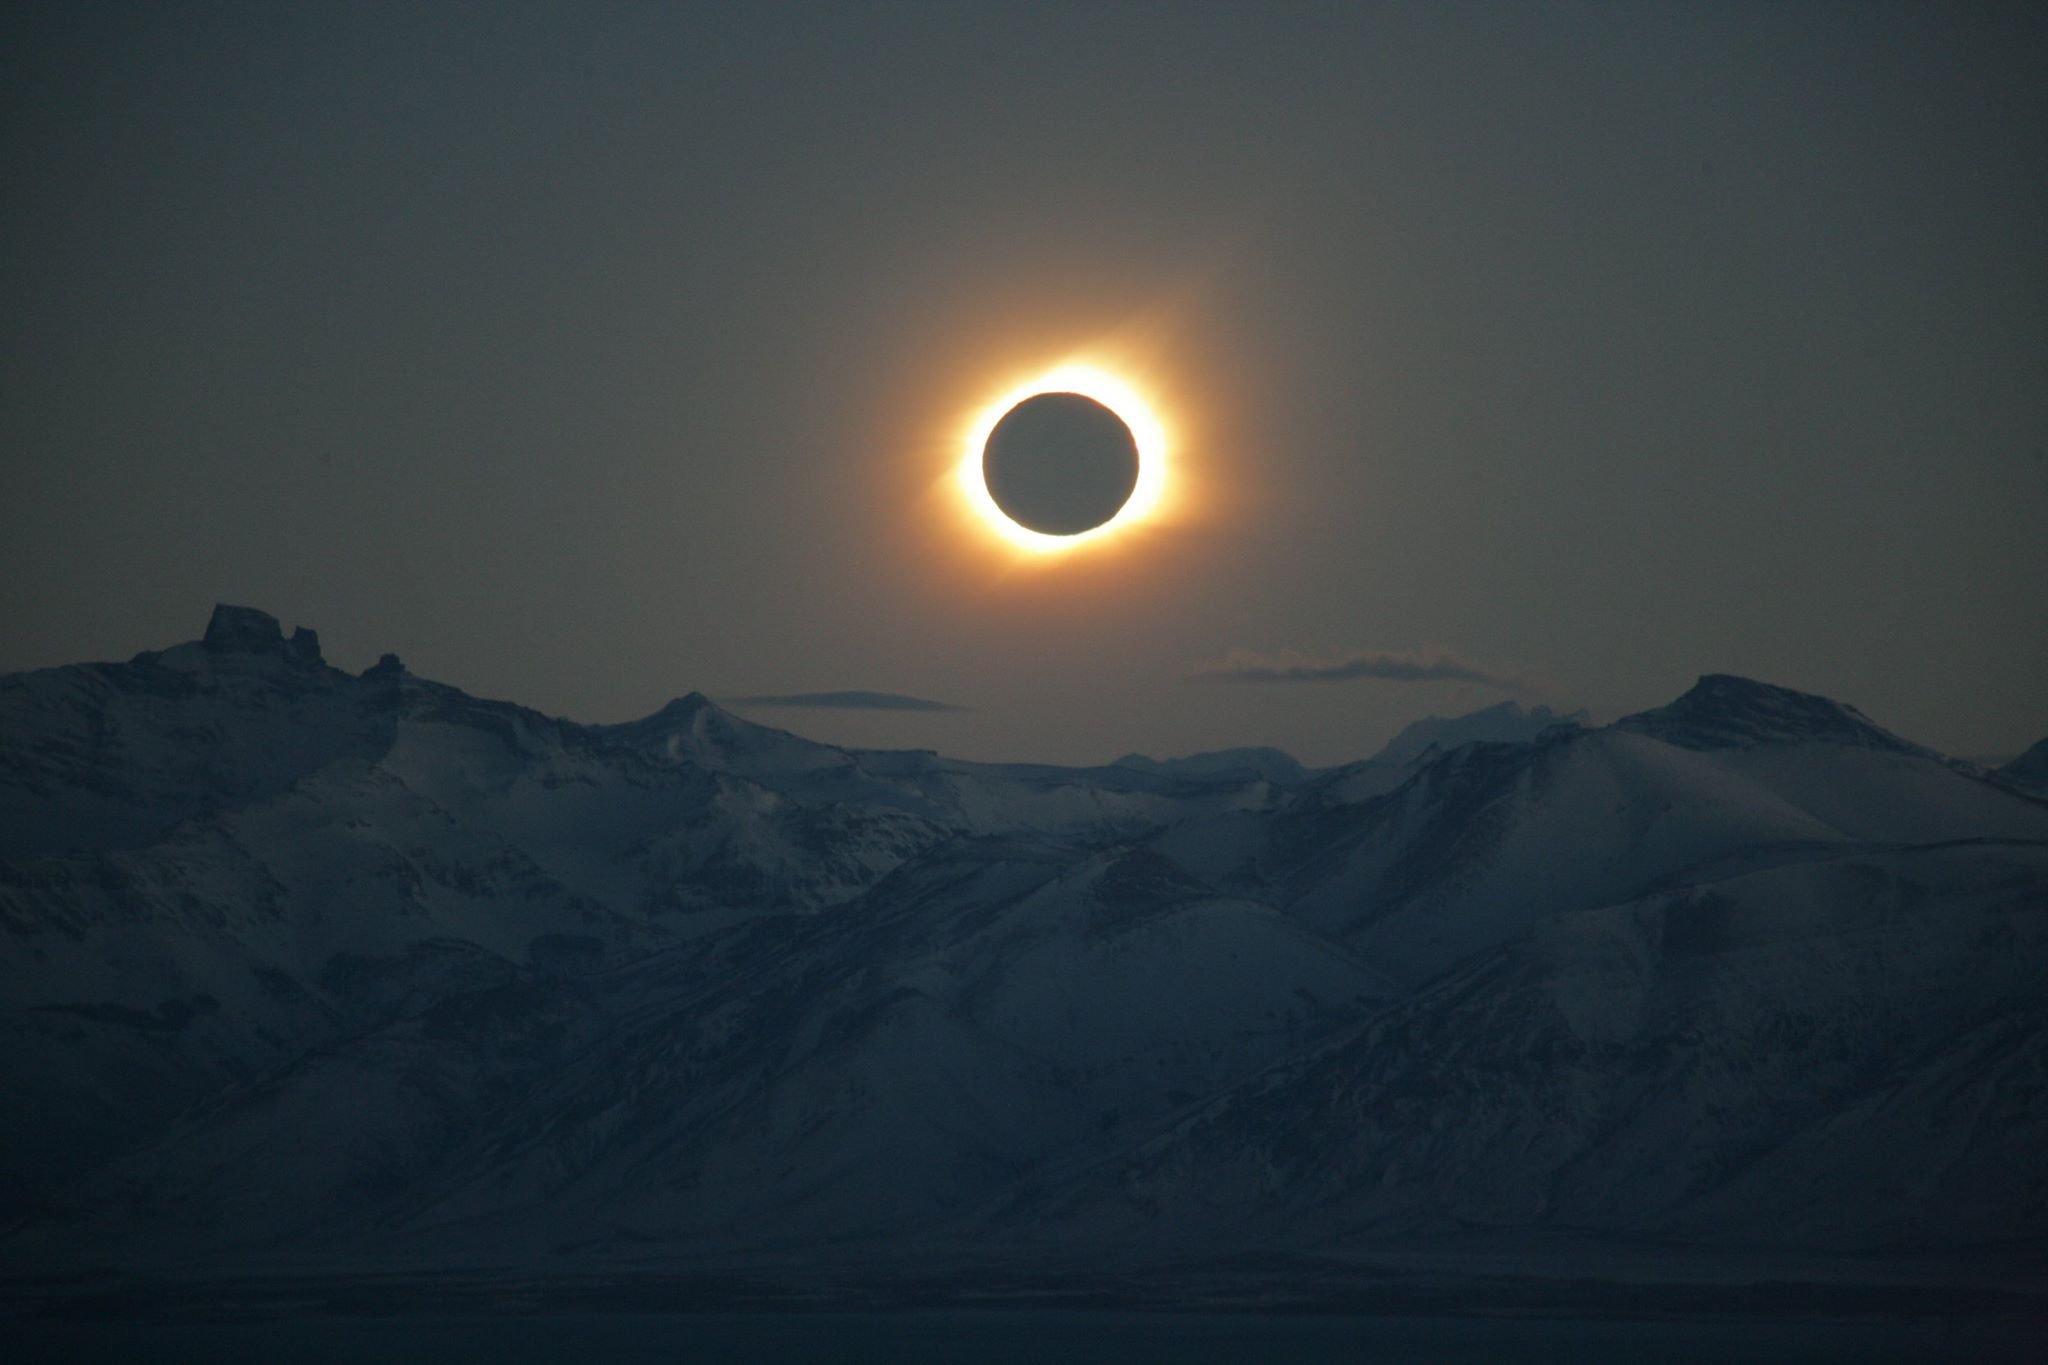 Затмение Солнца 10 июня произойдет с максимальной фазой